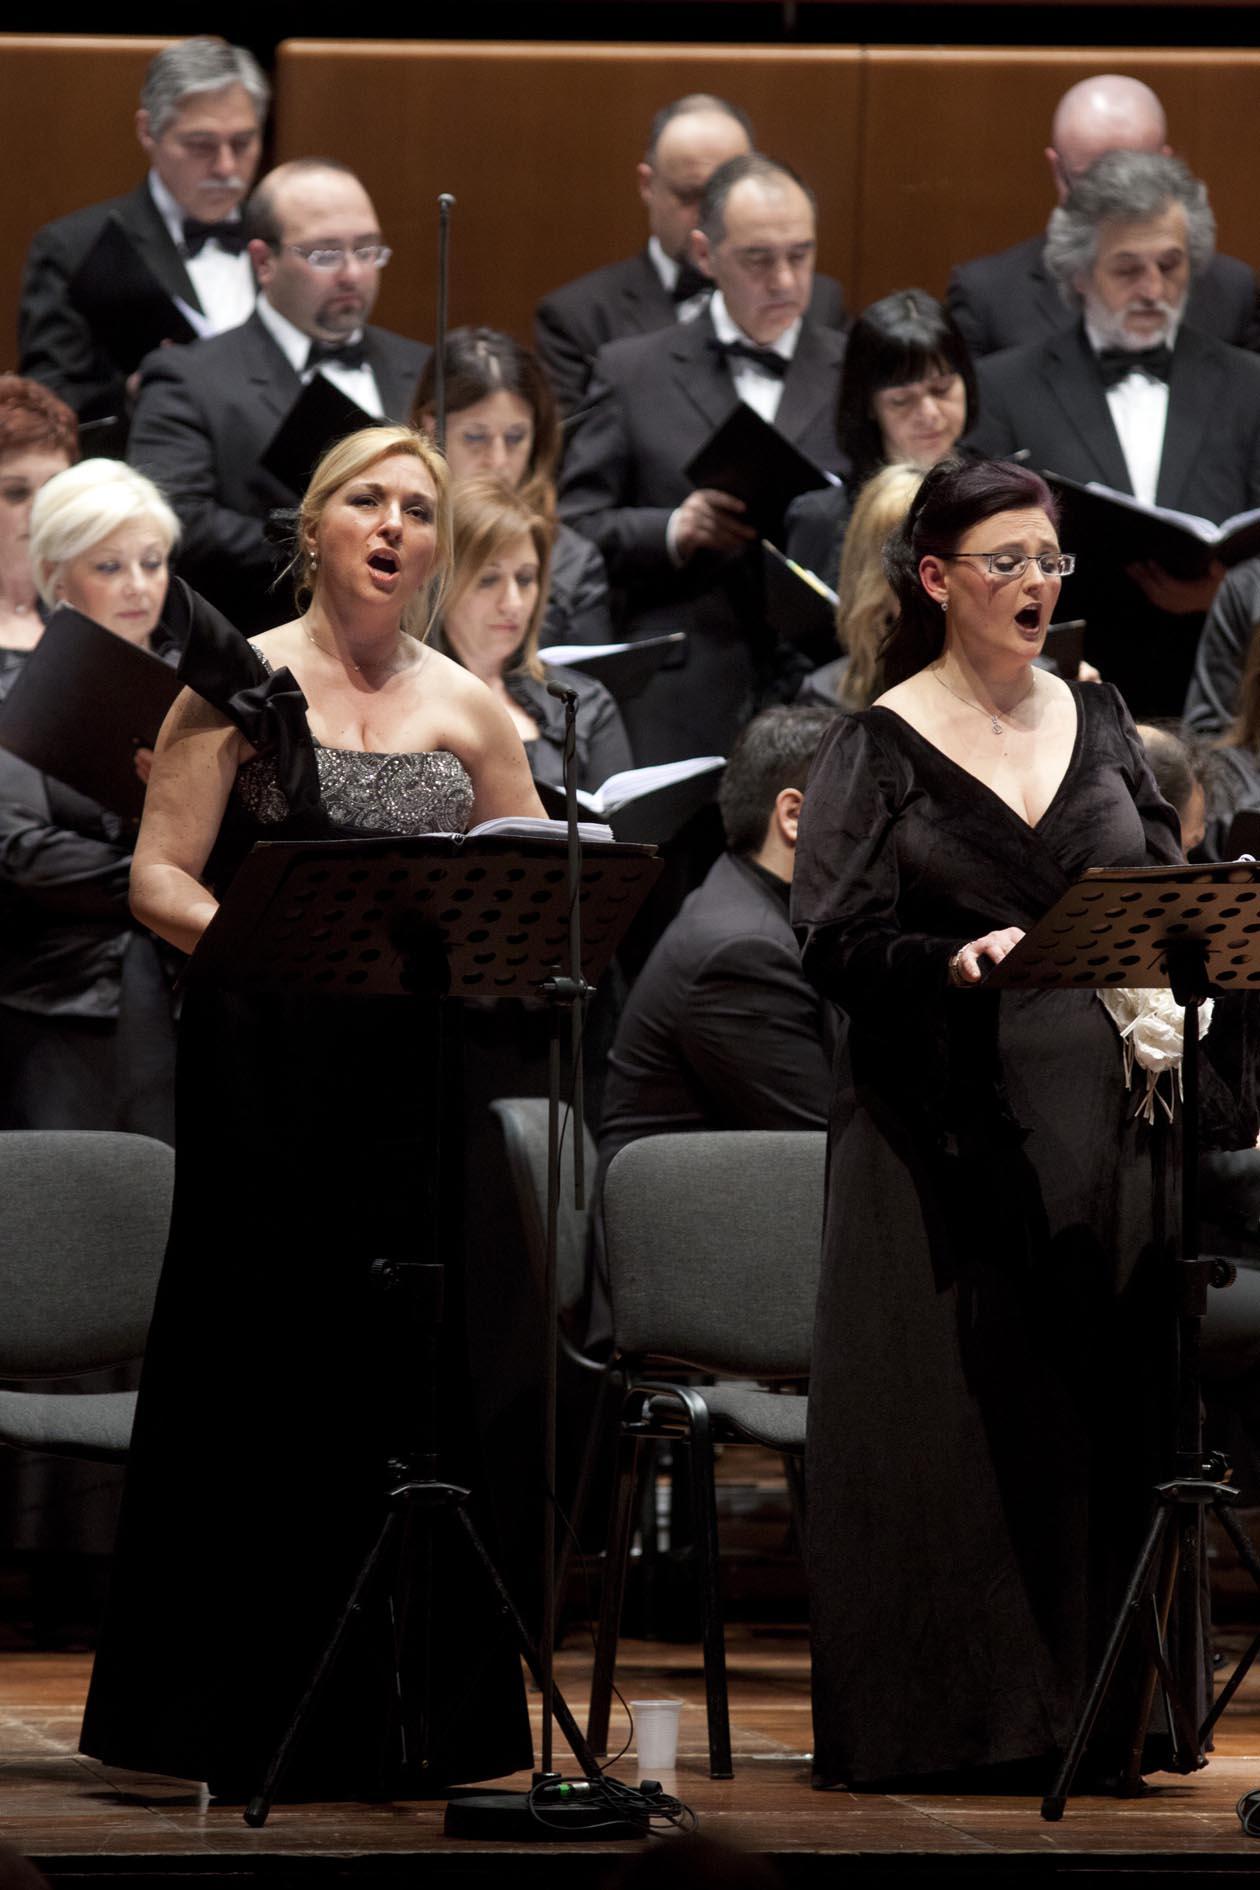 Roma, Auditorium Parco della Musica 16 03 2012. Stagione di Musica da Camera - Coro dell'Accademia Nazionale di Santa Cecilia, Ciro Visco direttore, Enrico Pace pianoforte, Marta Vulpi soprano,Tiziana Pizzi contralto, Carlo Putelli tenore, Massimo Simeoli basso. Stabat Mater. ©Musacchio & Ianniello********************************************************NB la presente foto puo' essere utilizzata esclusivamente per l' avvenimento in oggetto o comunque per pubblicazioni riguardanti l'Accademia Nazionale di Santa Cecilia********************************************************